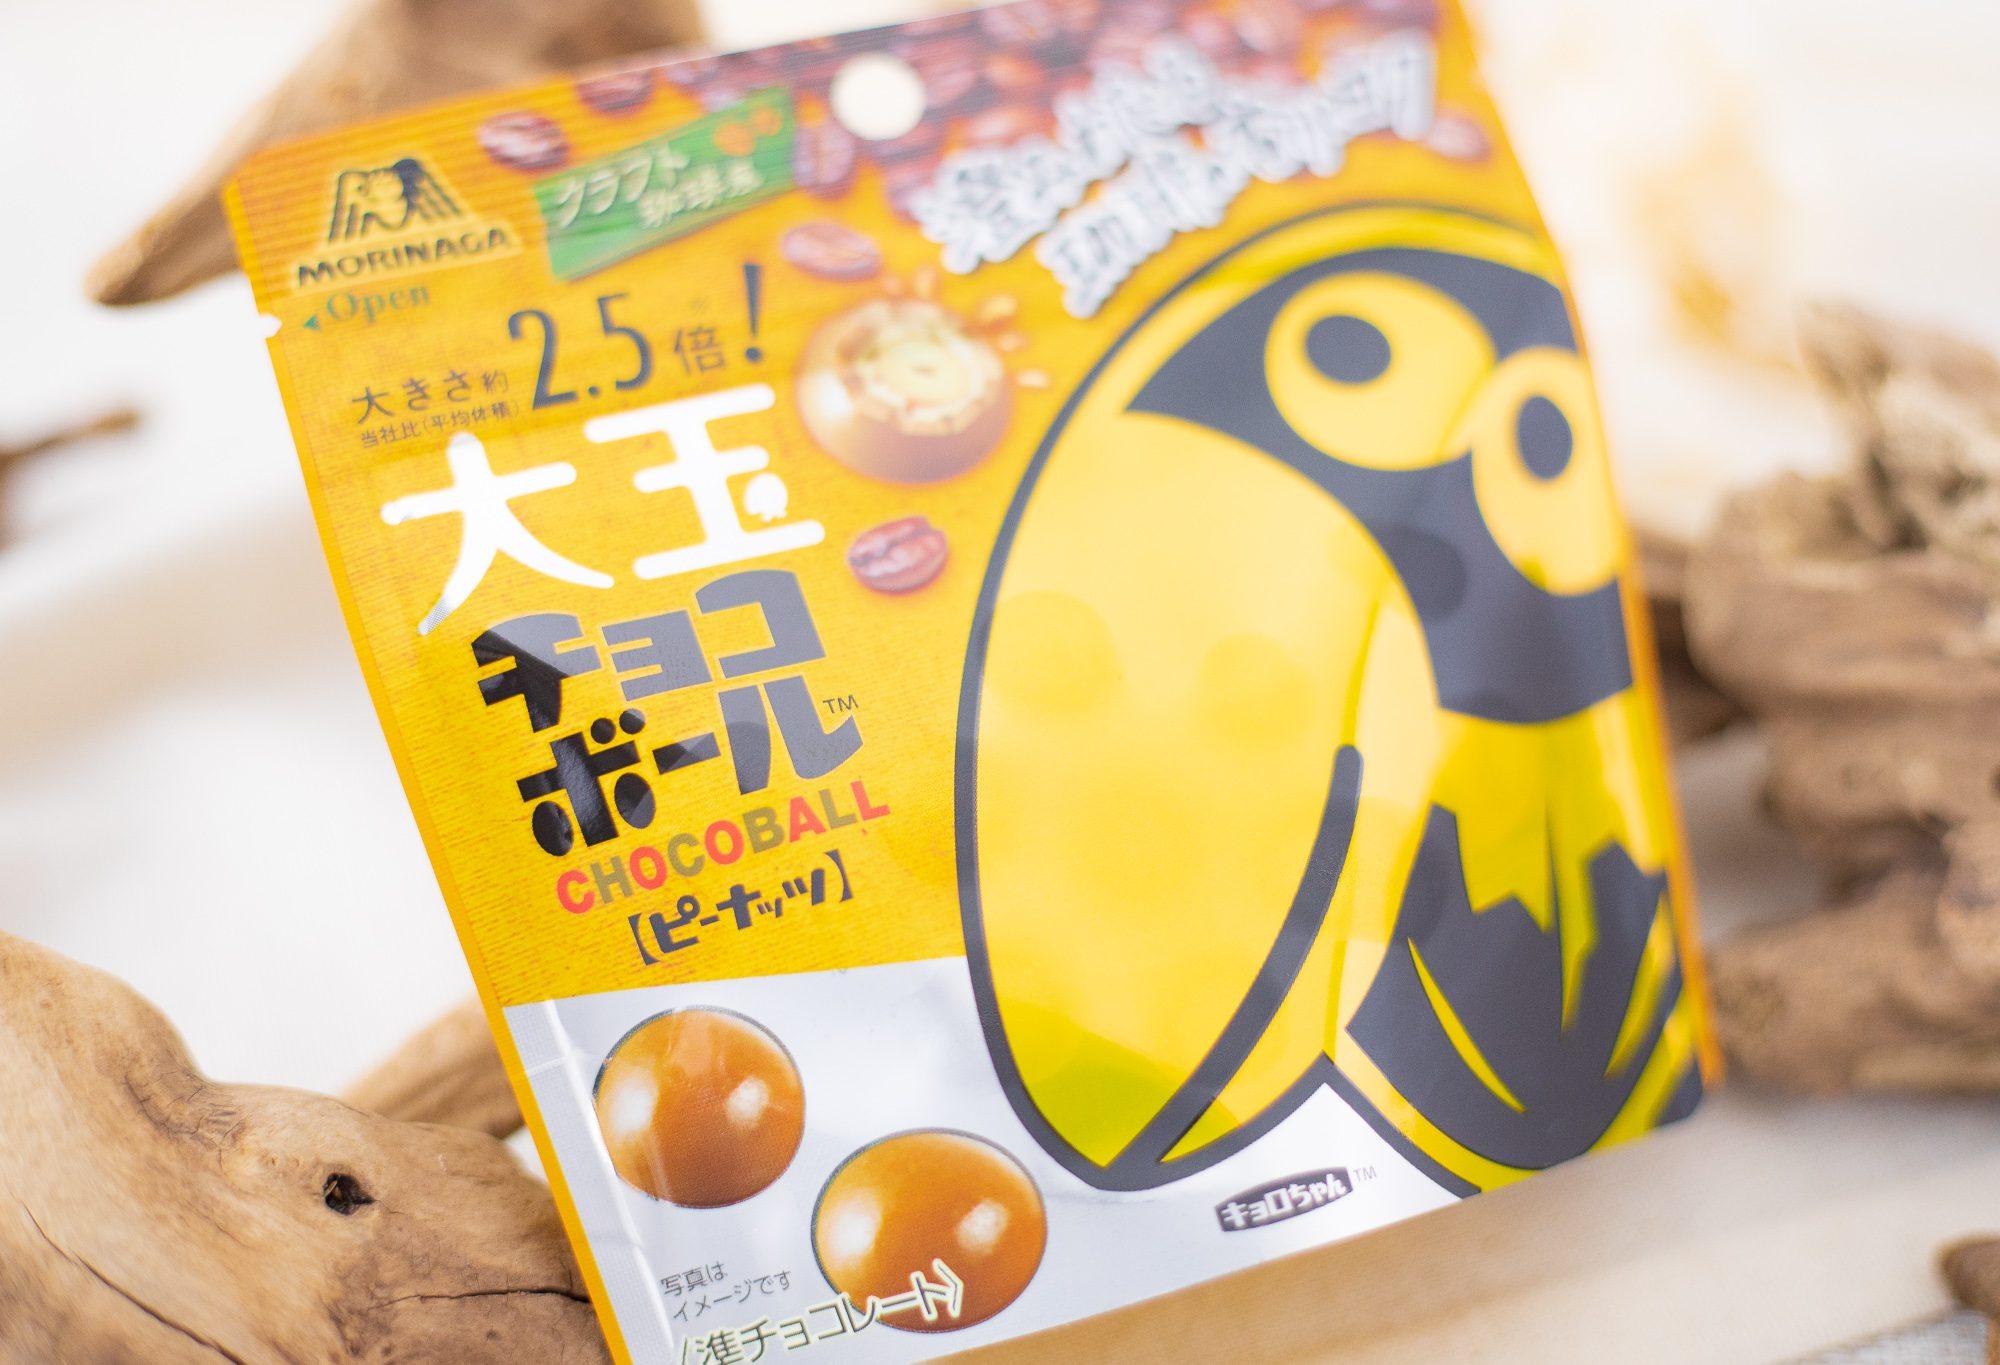 森永製菓『大玉チョコボール<ピーナッツ>クラフト珈琲風』は軽やか食感にミルキーなコクと口当たりで贅沢感◎な大玉チョコボール!